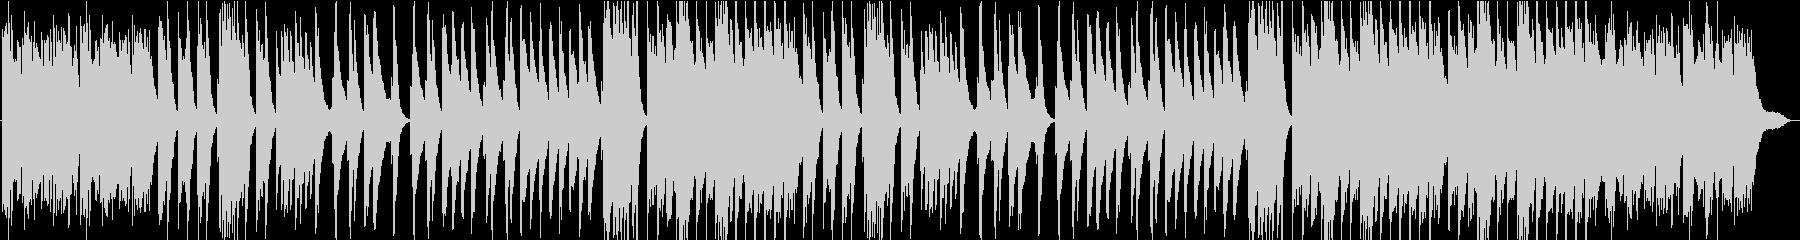 重厚感のあるクラシカルなピアノバラードの未再生の波形